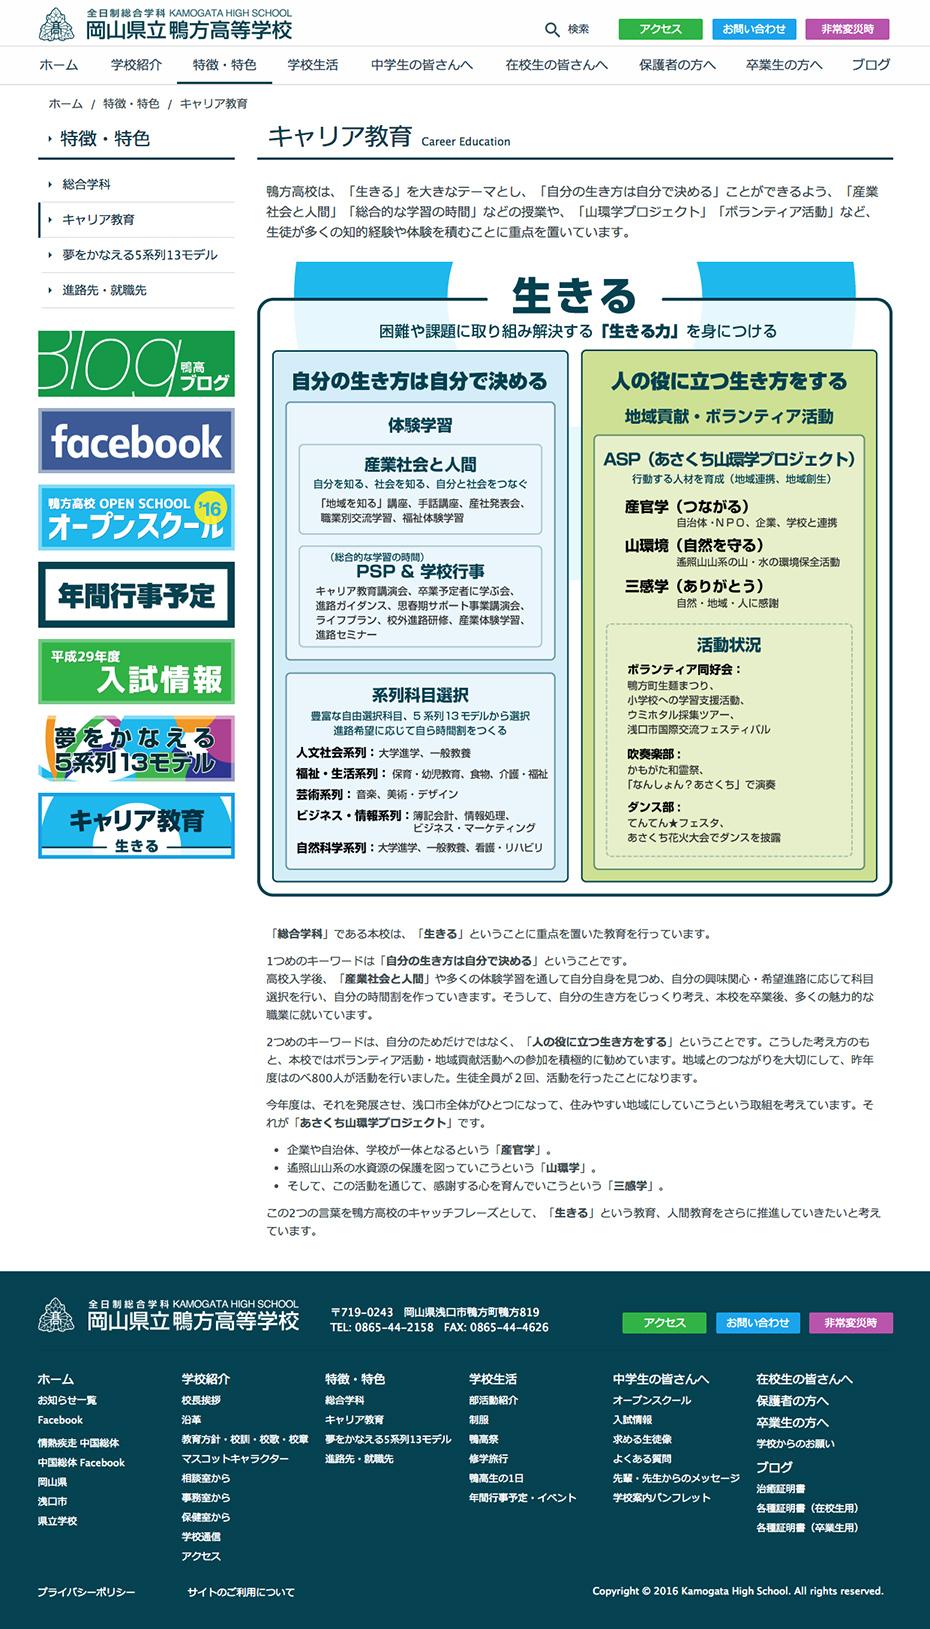 岡山県立鴨方高等学校様 ホームページ キャリア教育